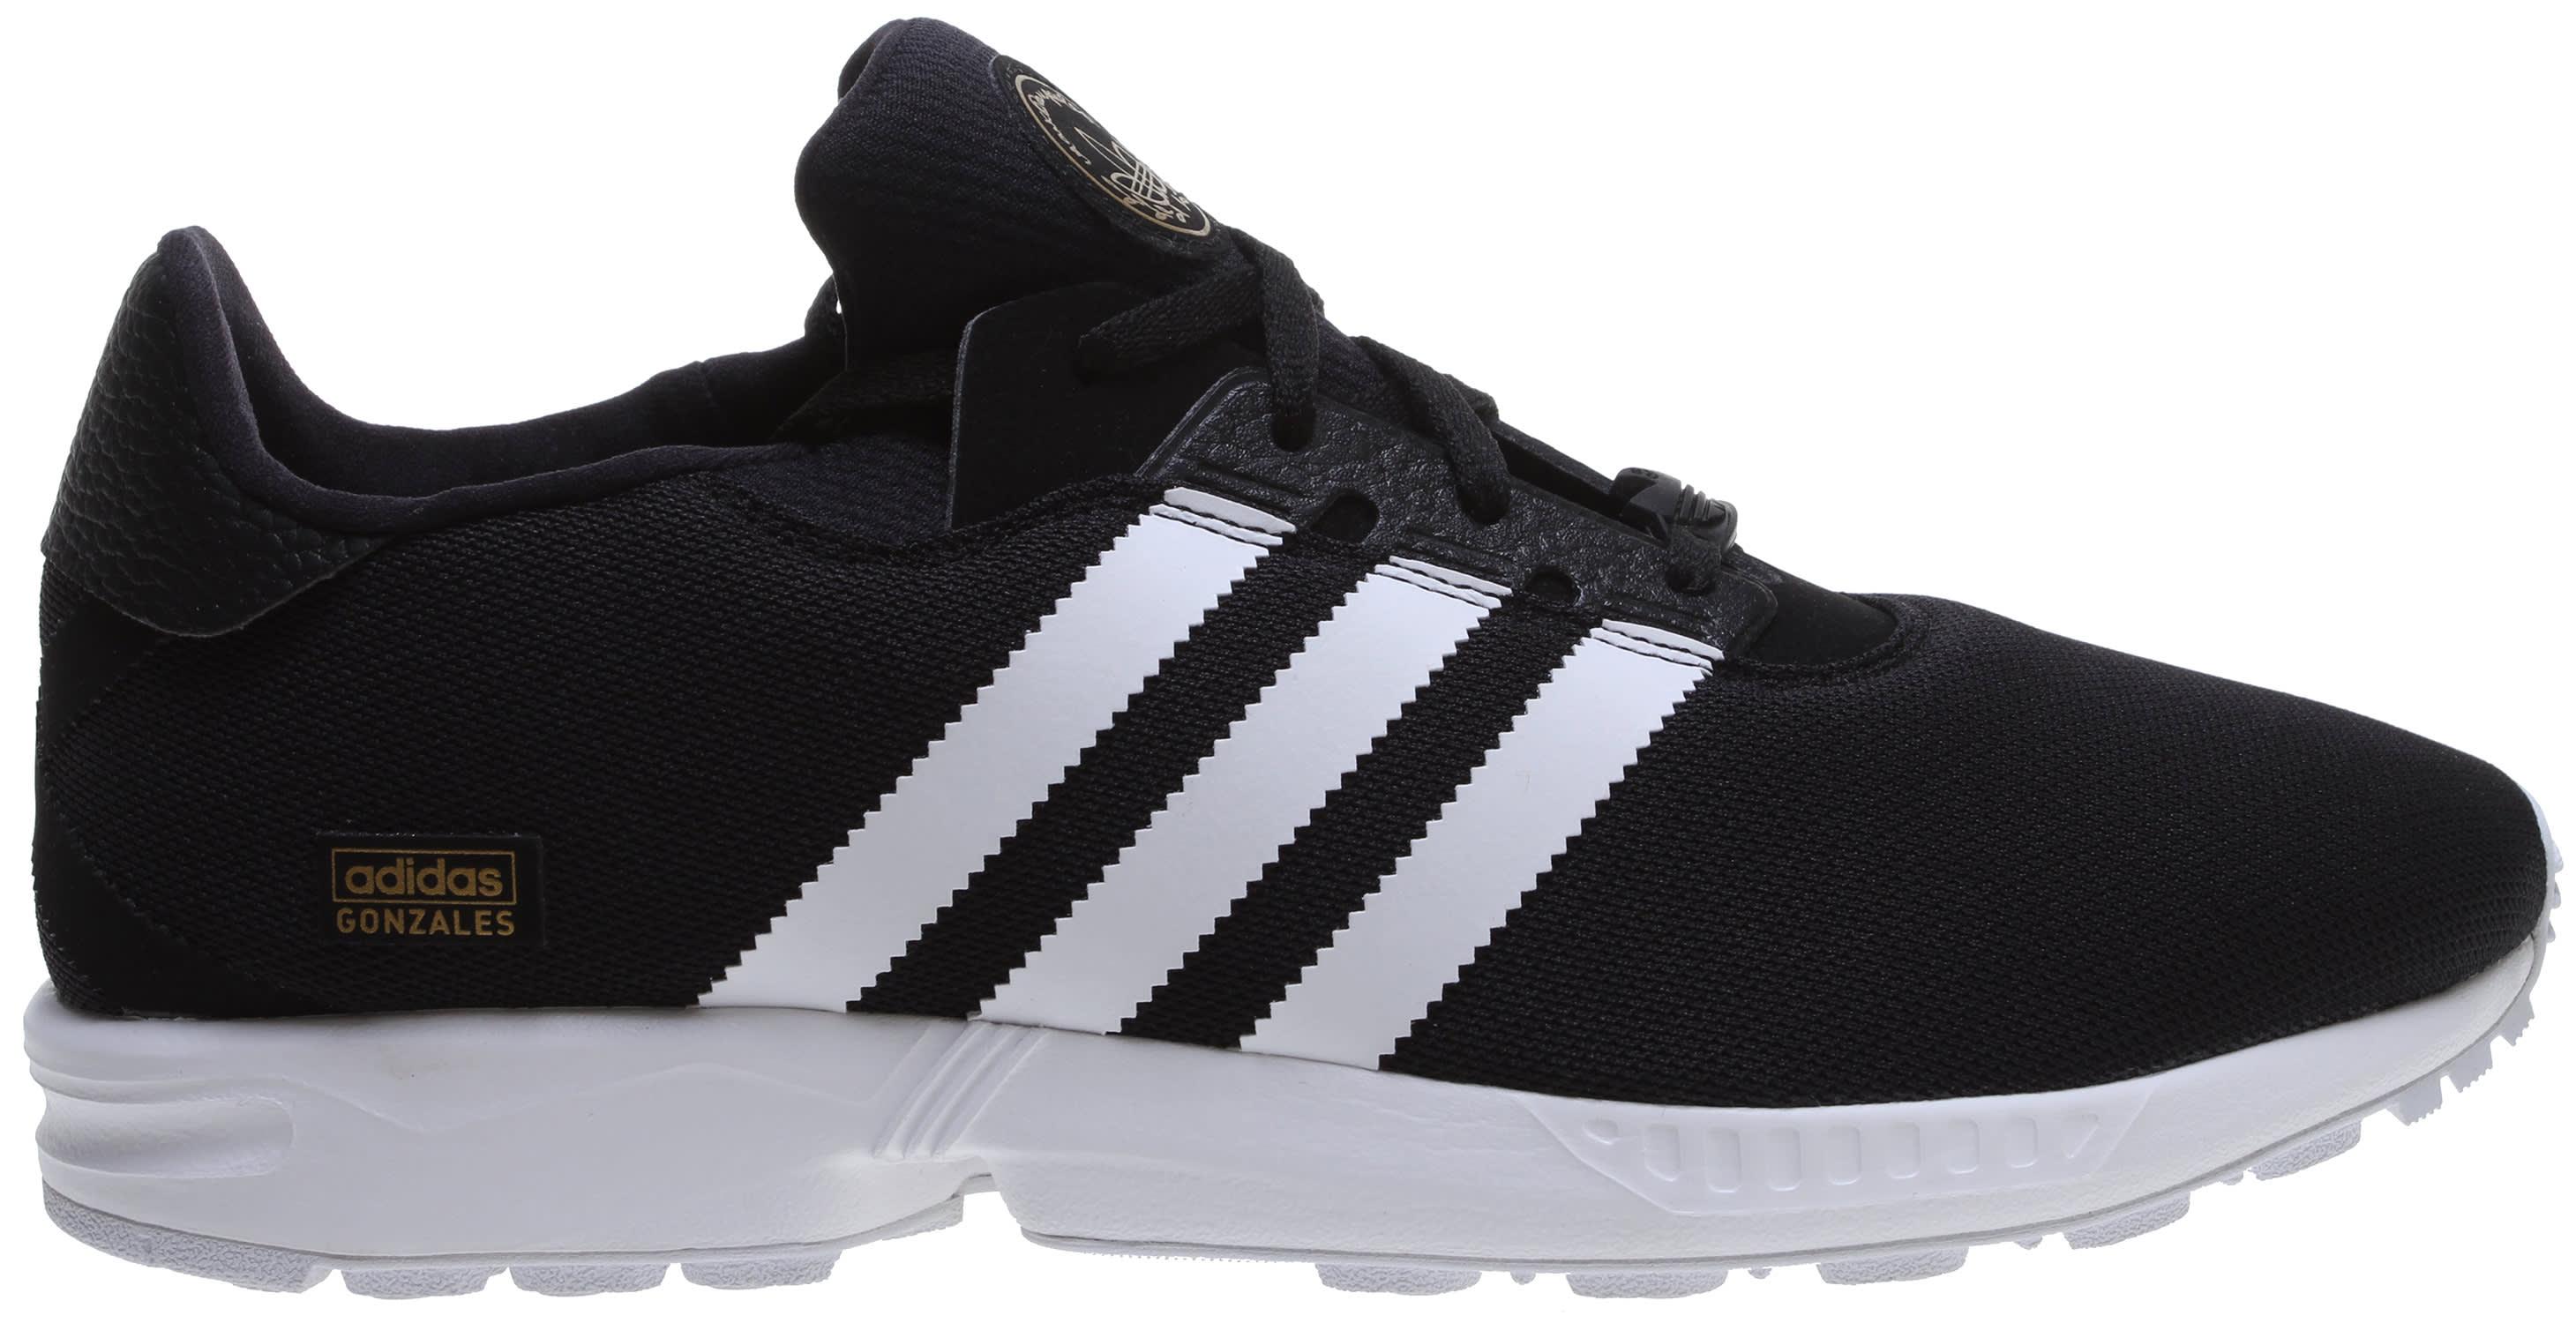 Adidas Zx Gonz Skateboarding- Black trainers